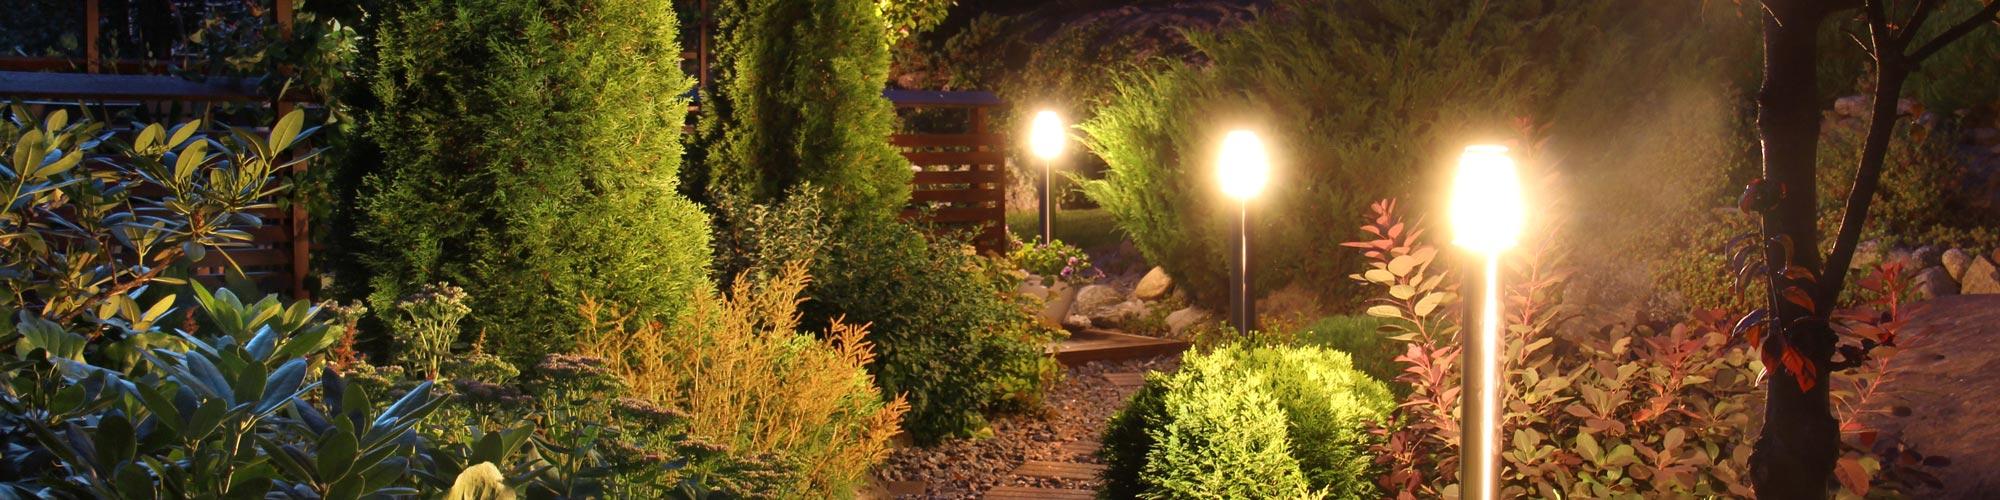 Leuchten elektro sortiment vor ort kronen hagebaumarkt for Hagebaumarkt pool prospekt